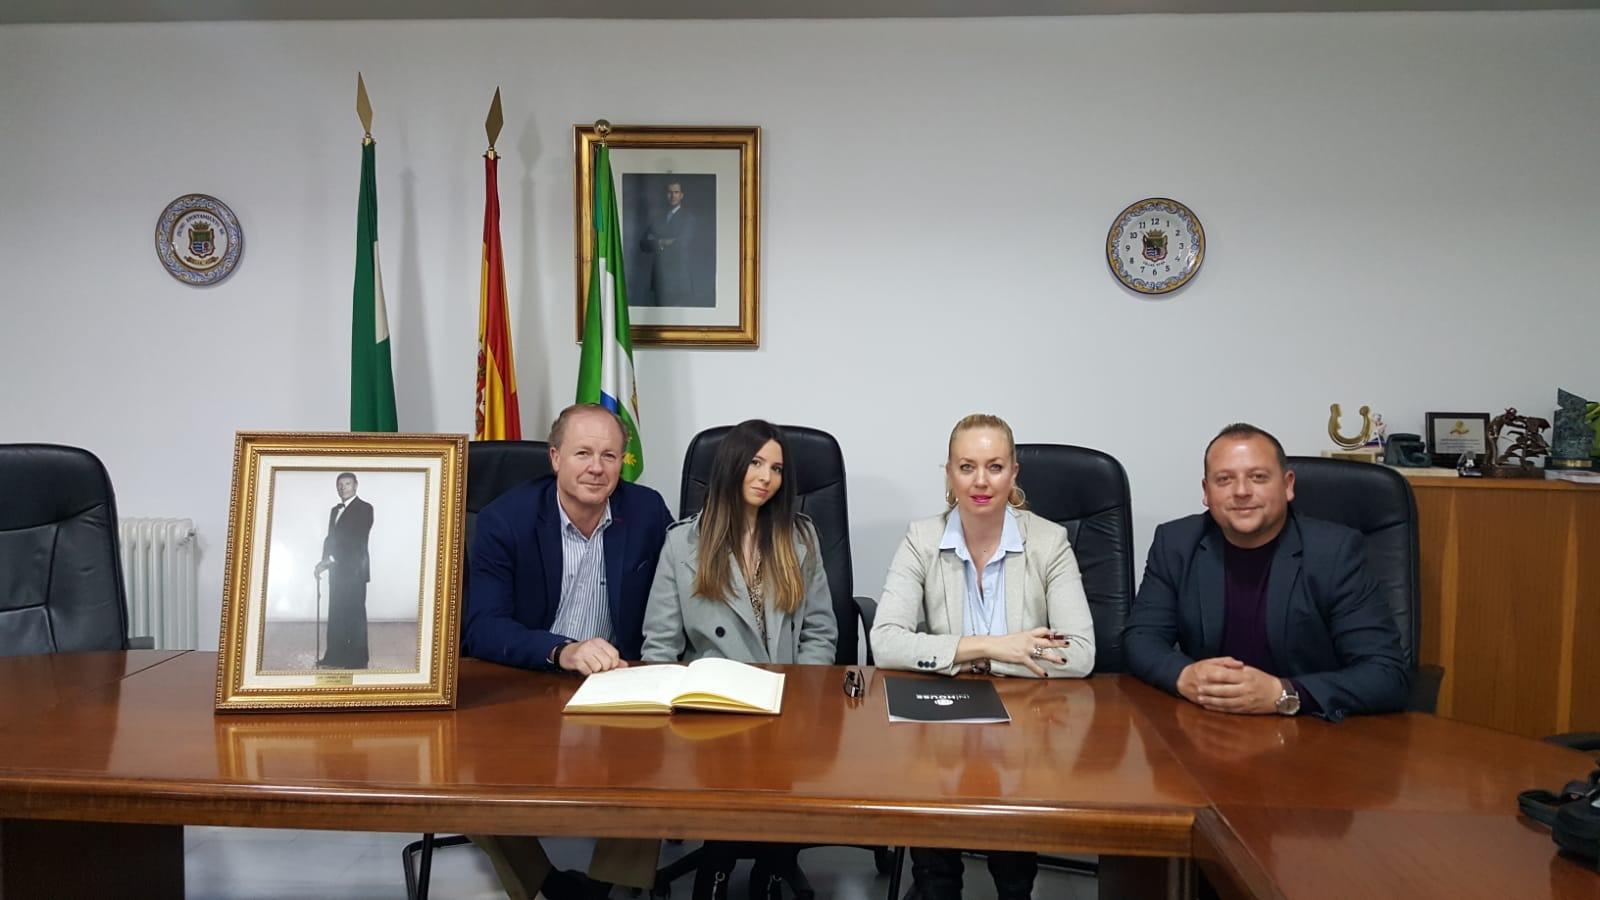 Cúllar Vega rinde homenaje a todos sus alcaldes de la democracia